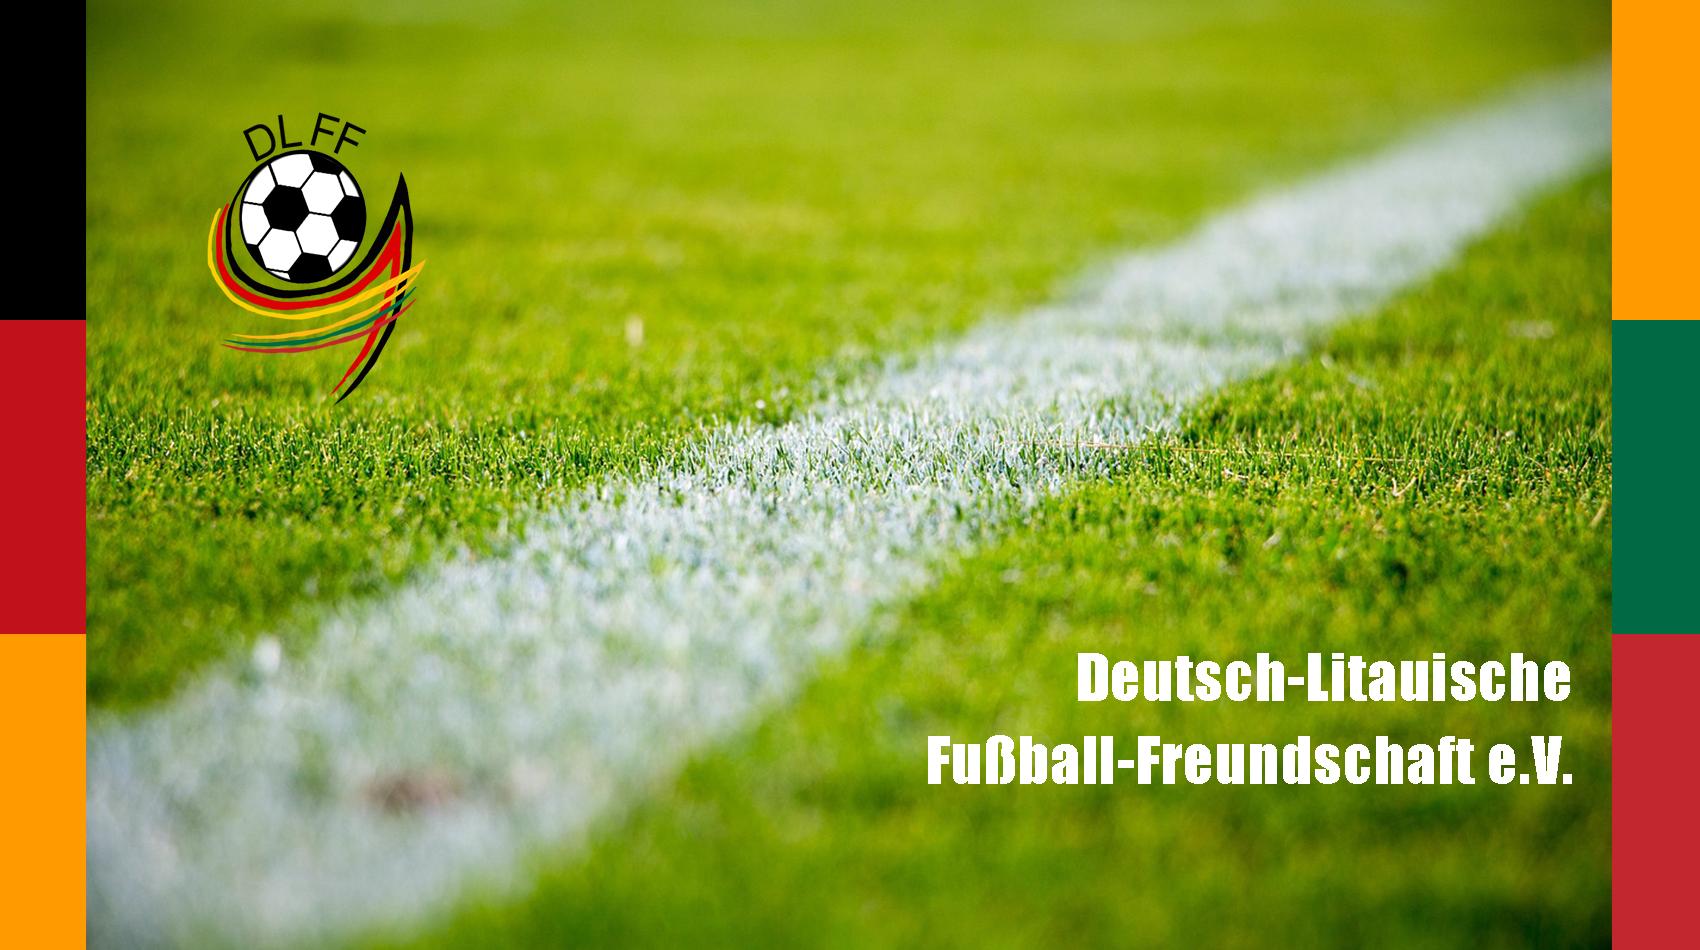 #fußball #deutschland #litauen #fussball #freundschaft #deutschlitauischefussballfreundschaft #berlin #vilnius #germany #lithuania #deutscherfussballbund #dfb #lietuvosfutbolofederacija #lff